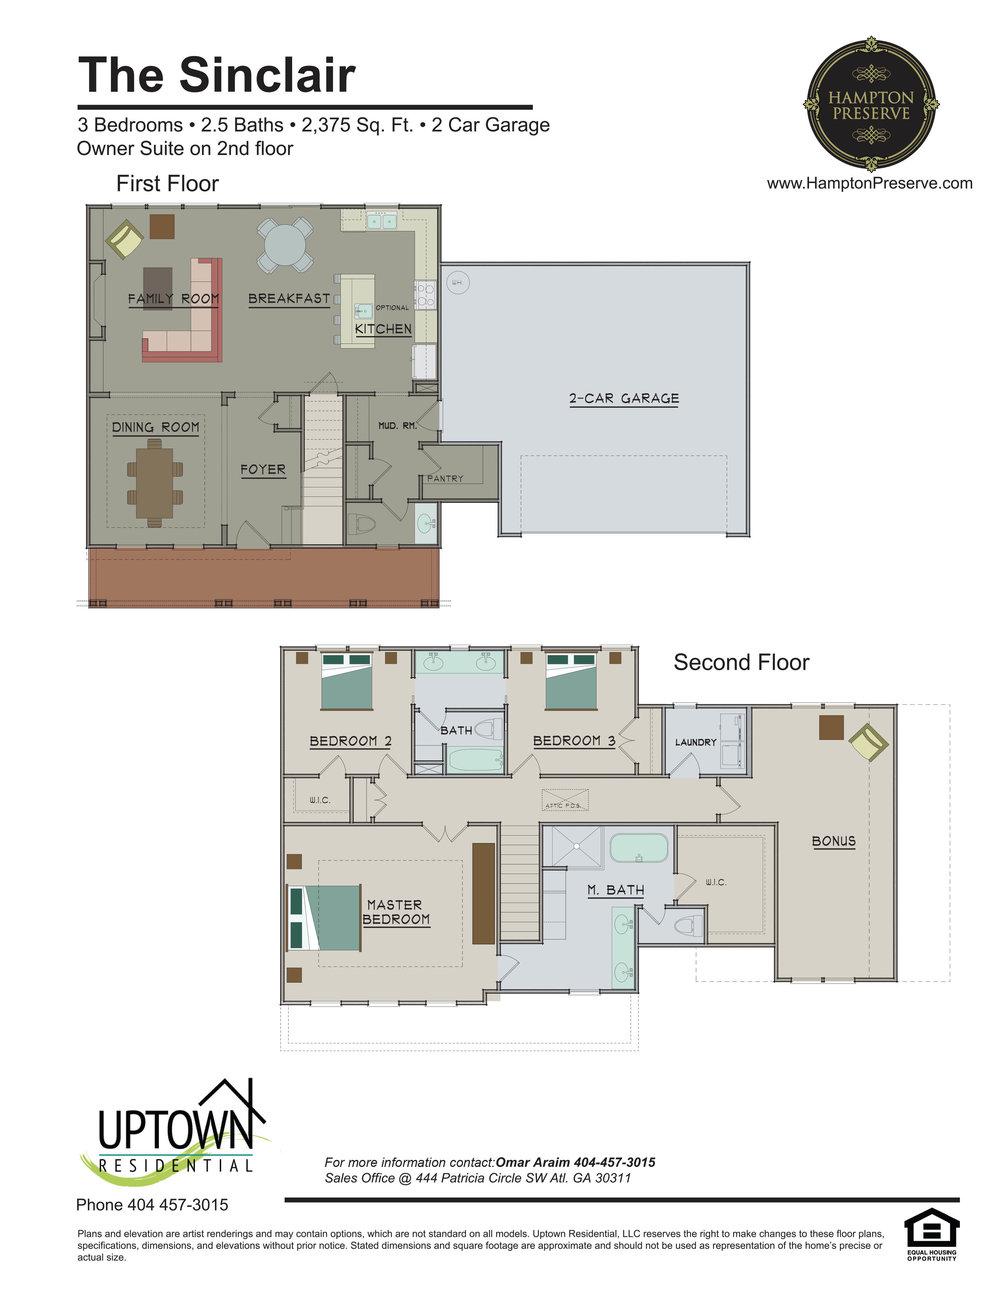 21669 Uptown Residential - Sinclair 2.jpg